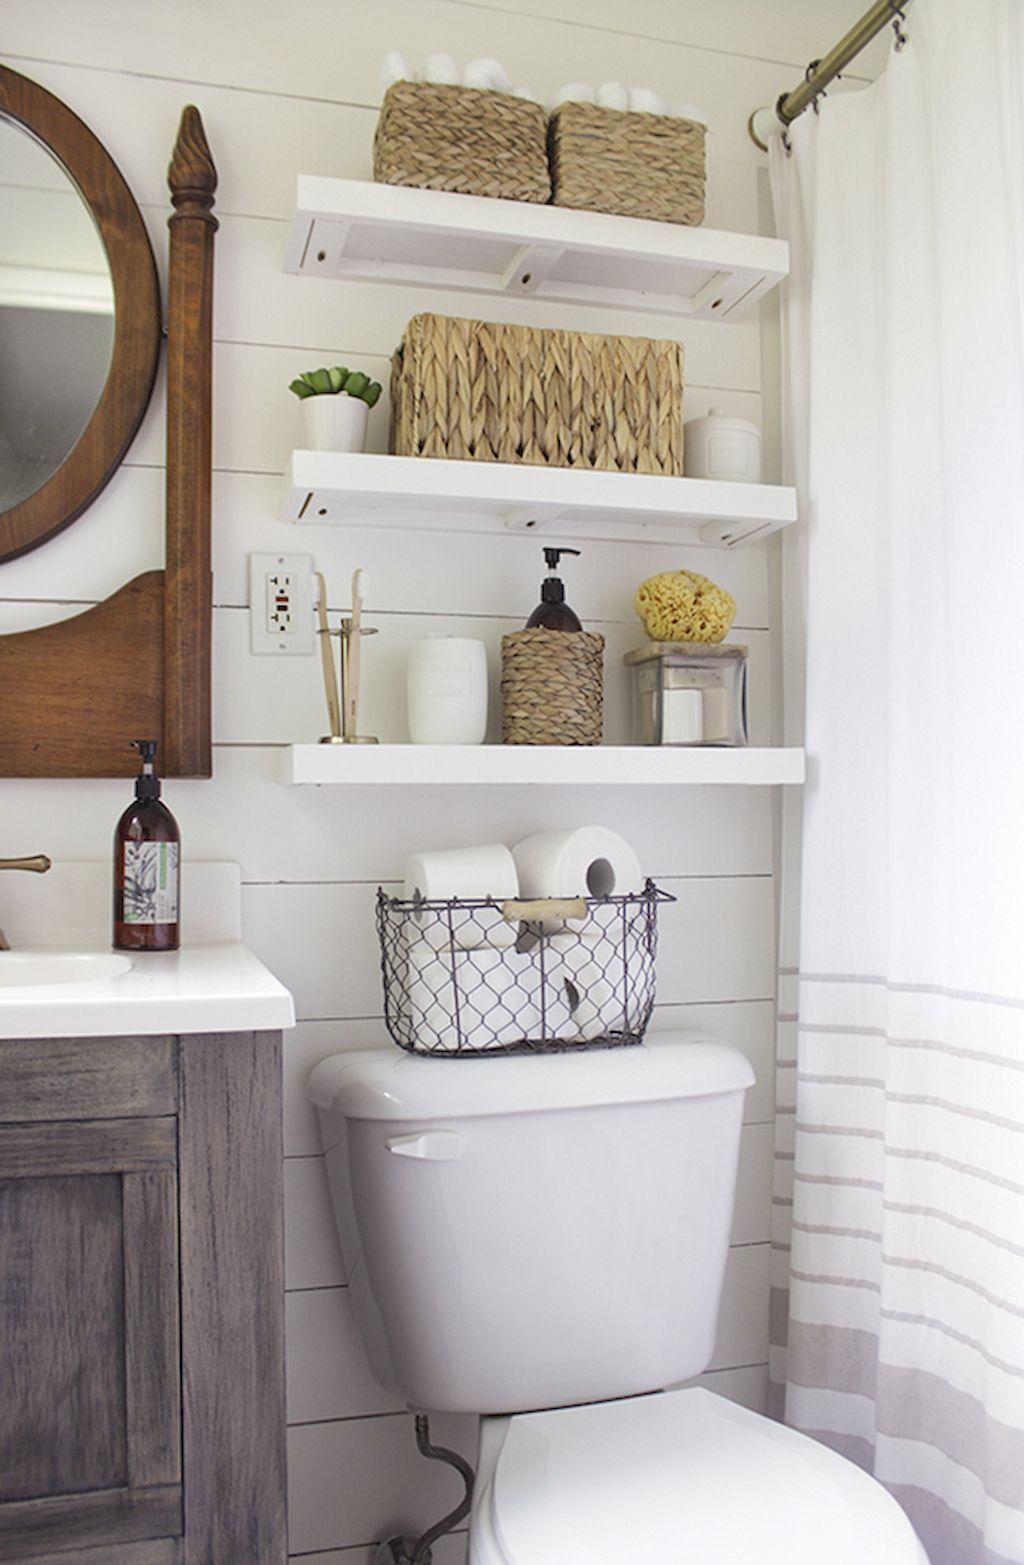 Inspiring DIY Small Bathroom Organization and Storage Ideas